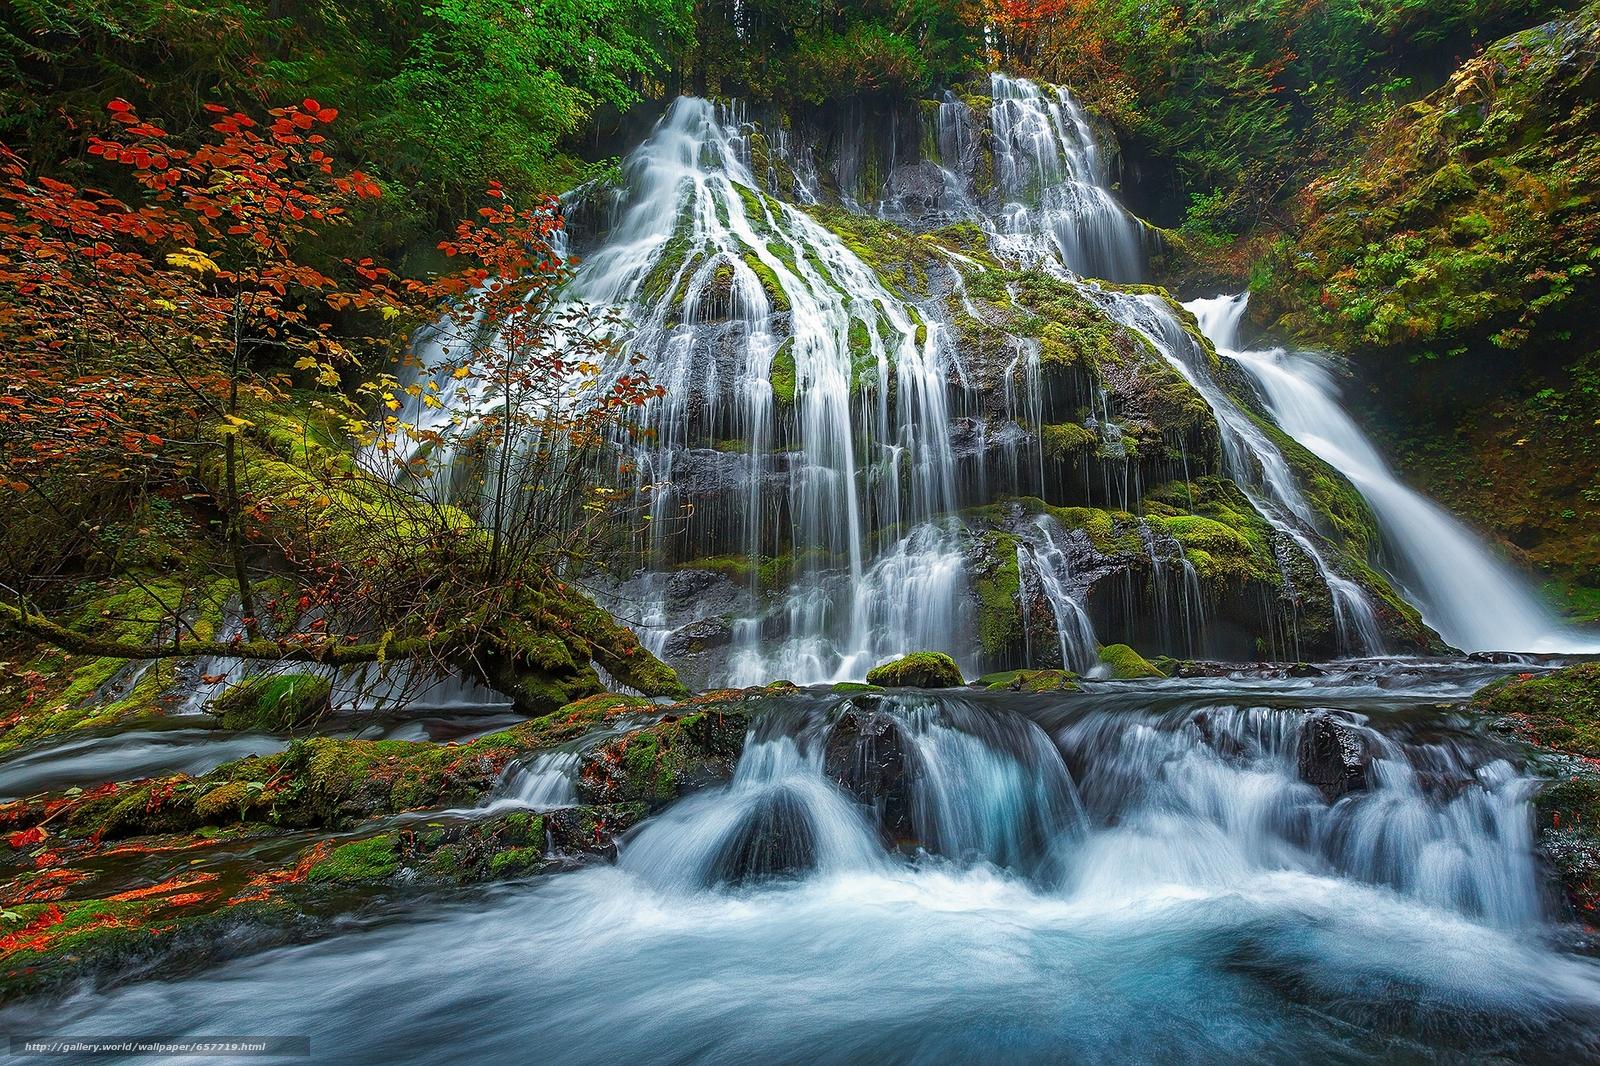 Скачать обои Panther Creek Falls,  Gifford Pinchot National Forest,  лес,  деревья бесплатно для рабочего стола в разрешении 2048x1365 — картинка №657719